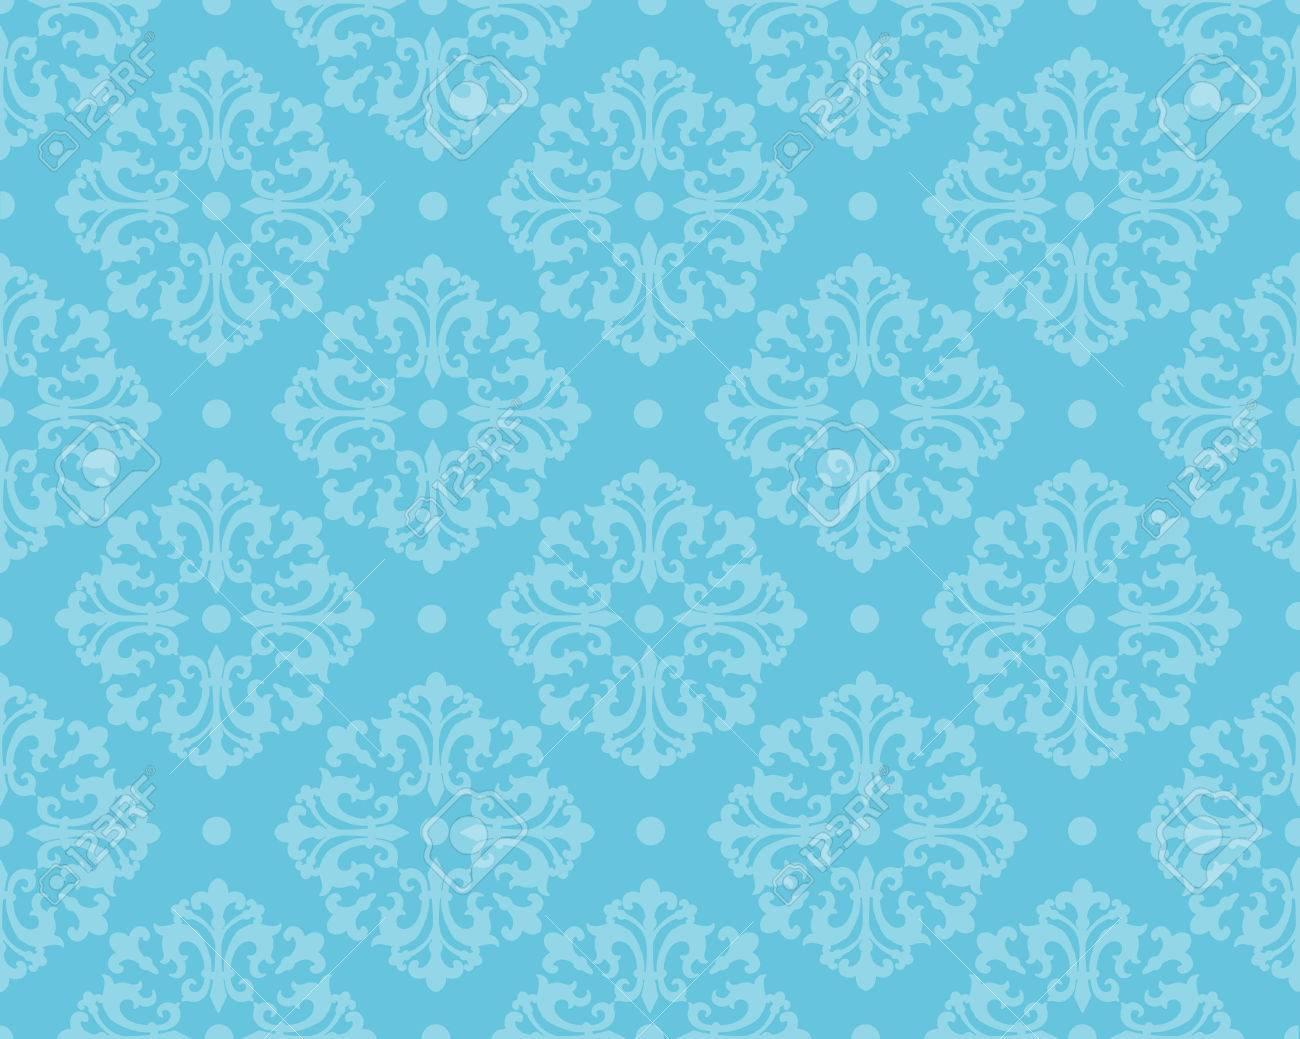 Elegant Blue Damask Pattern Background Wallpaper